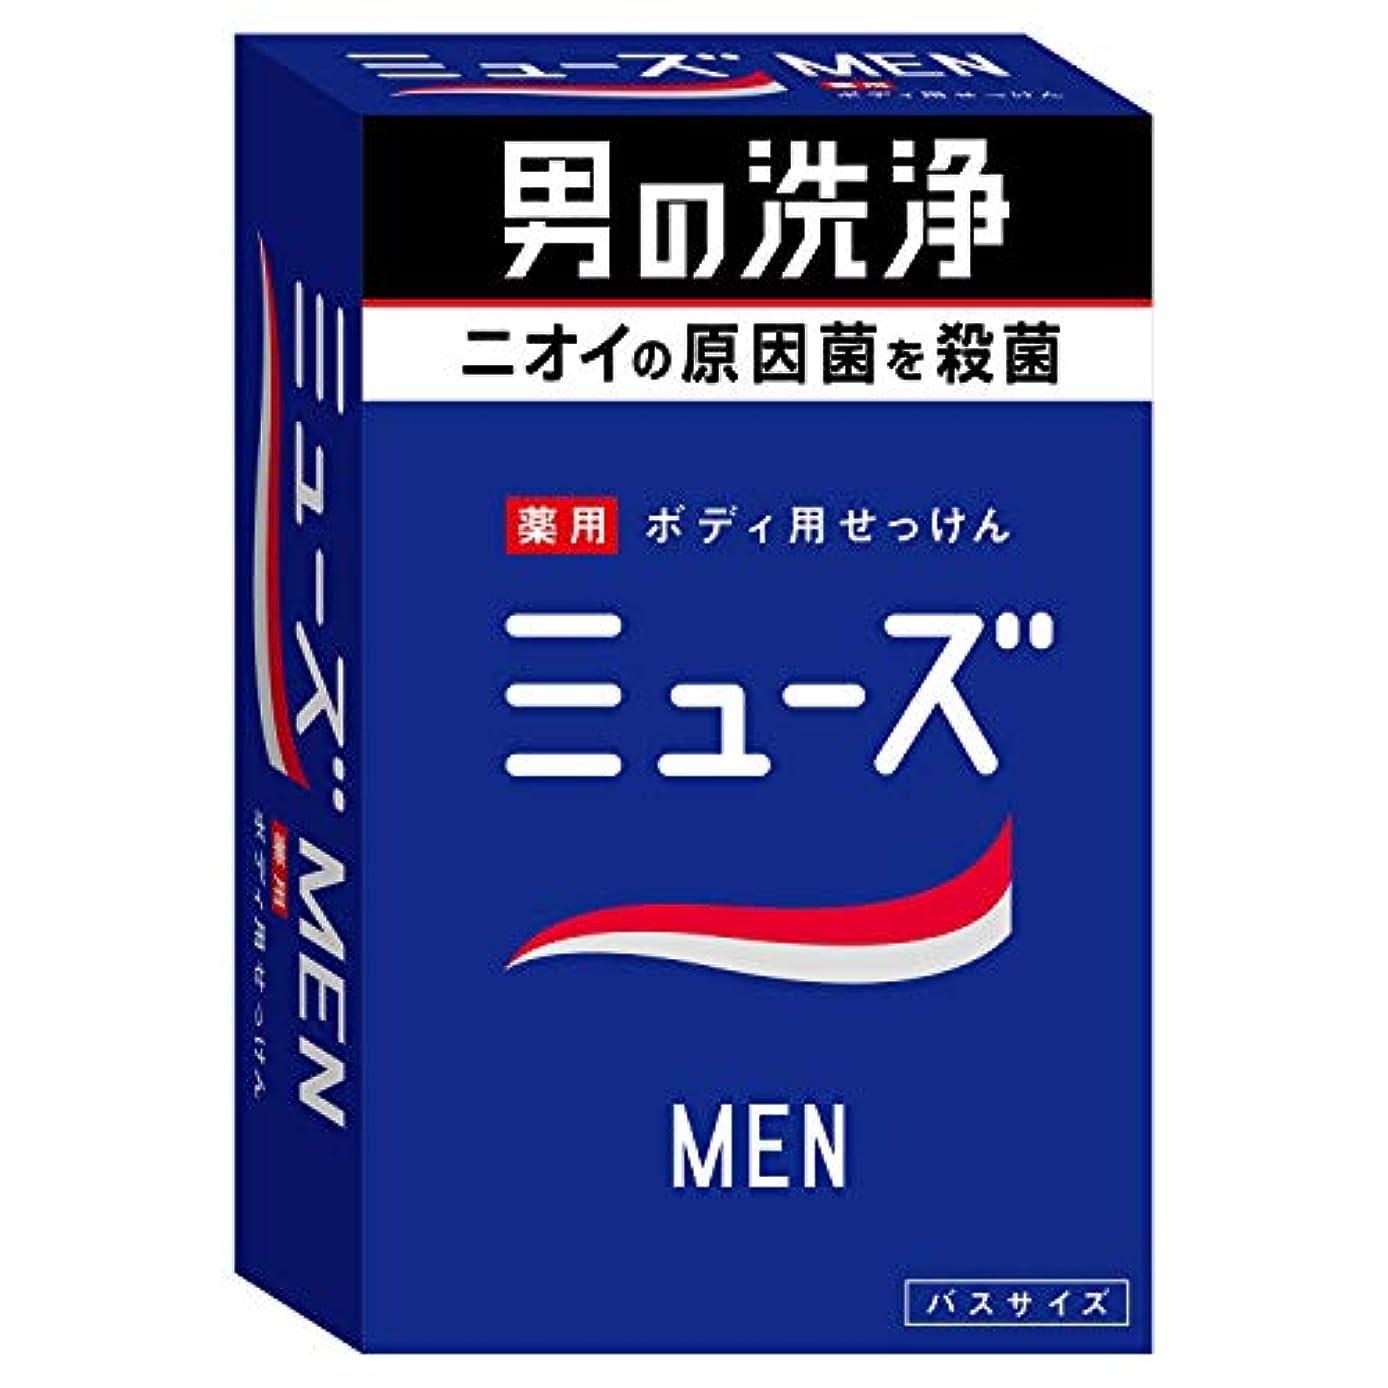 匿名暴力的な夜間【医薬部外品】ミューズメン 石鹸 135g